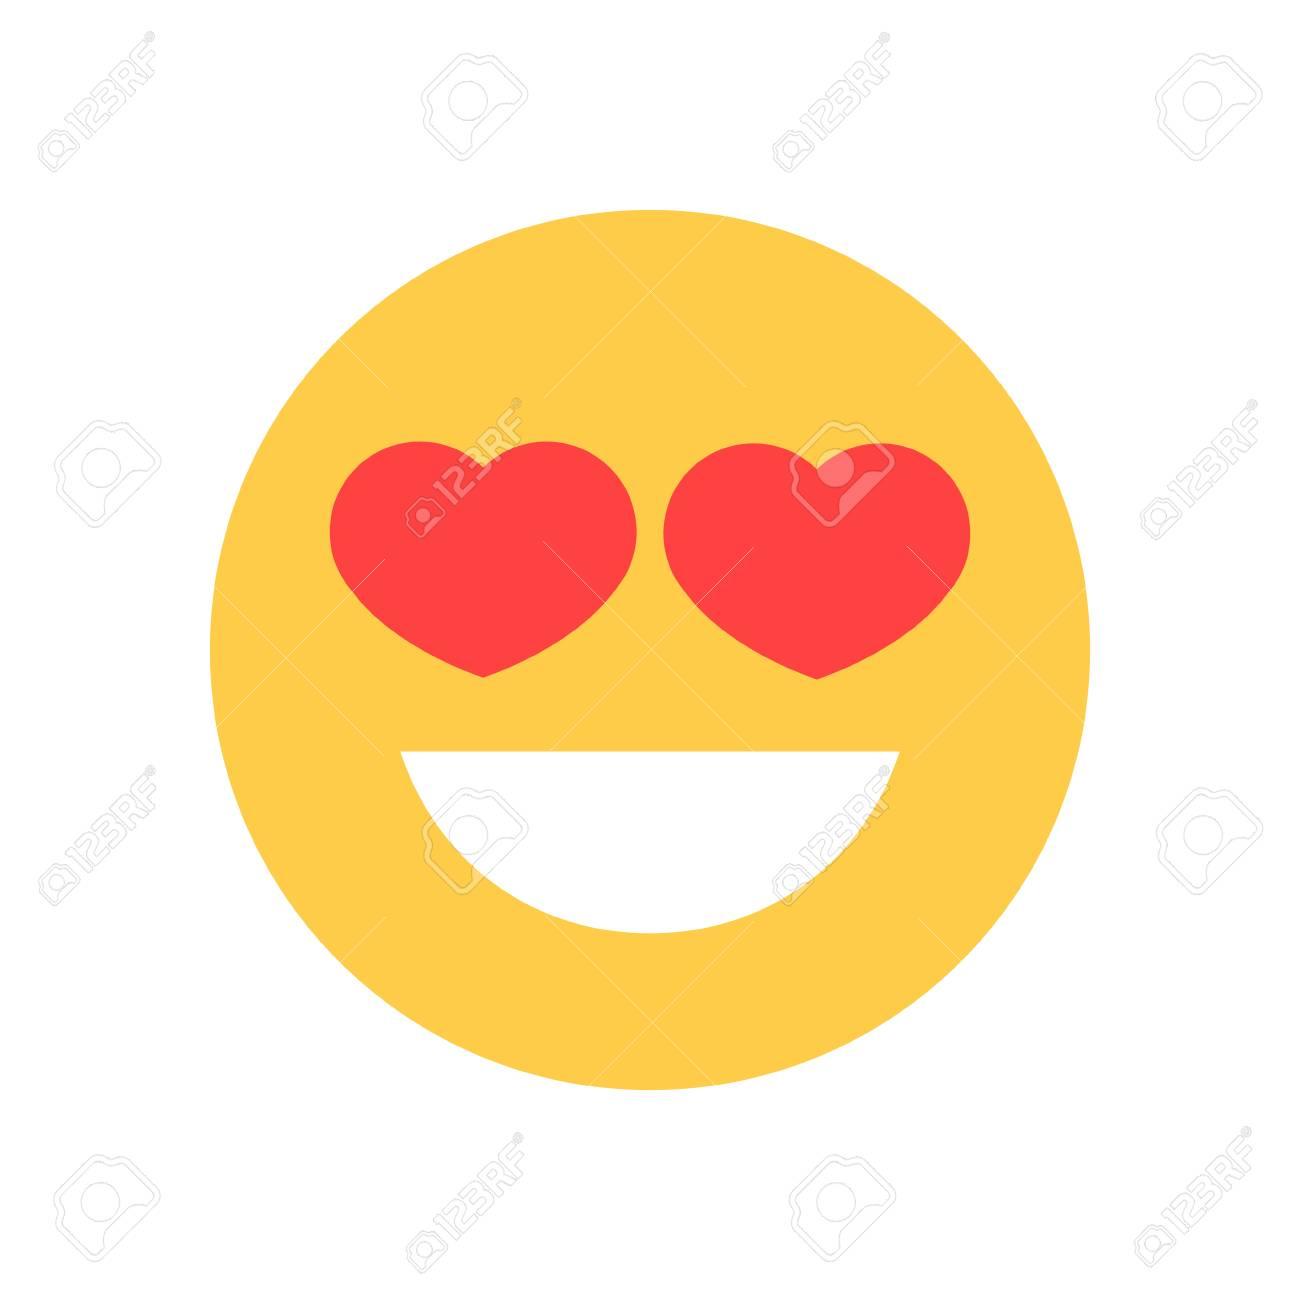 banque dimages jaune souriant visage de dessin anim avec des yeux de forme de coeur emoji humain icne de sentiments icne de - Dessin Avec Emoji